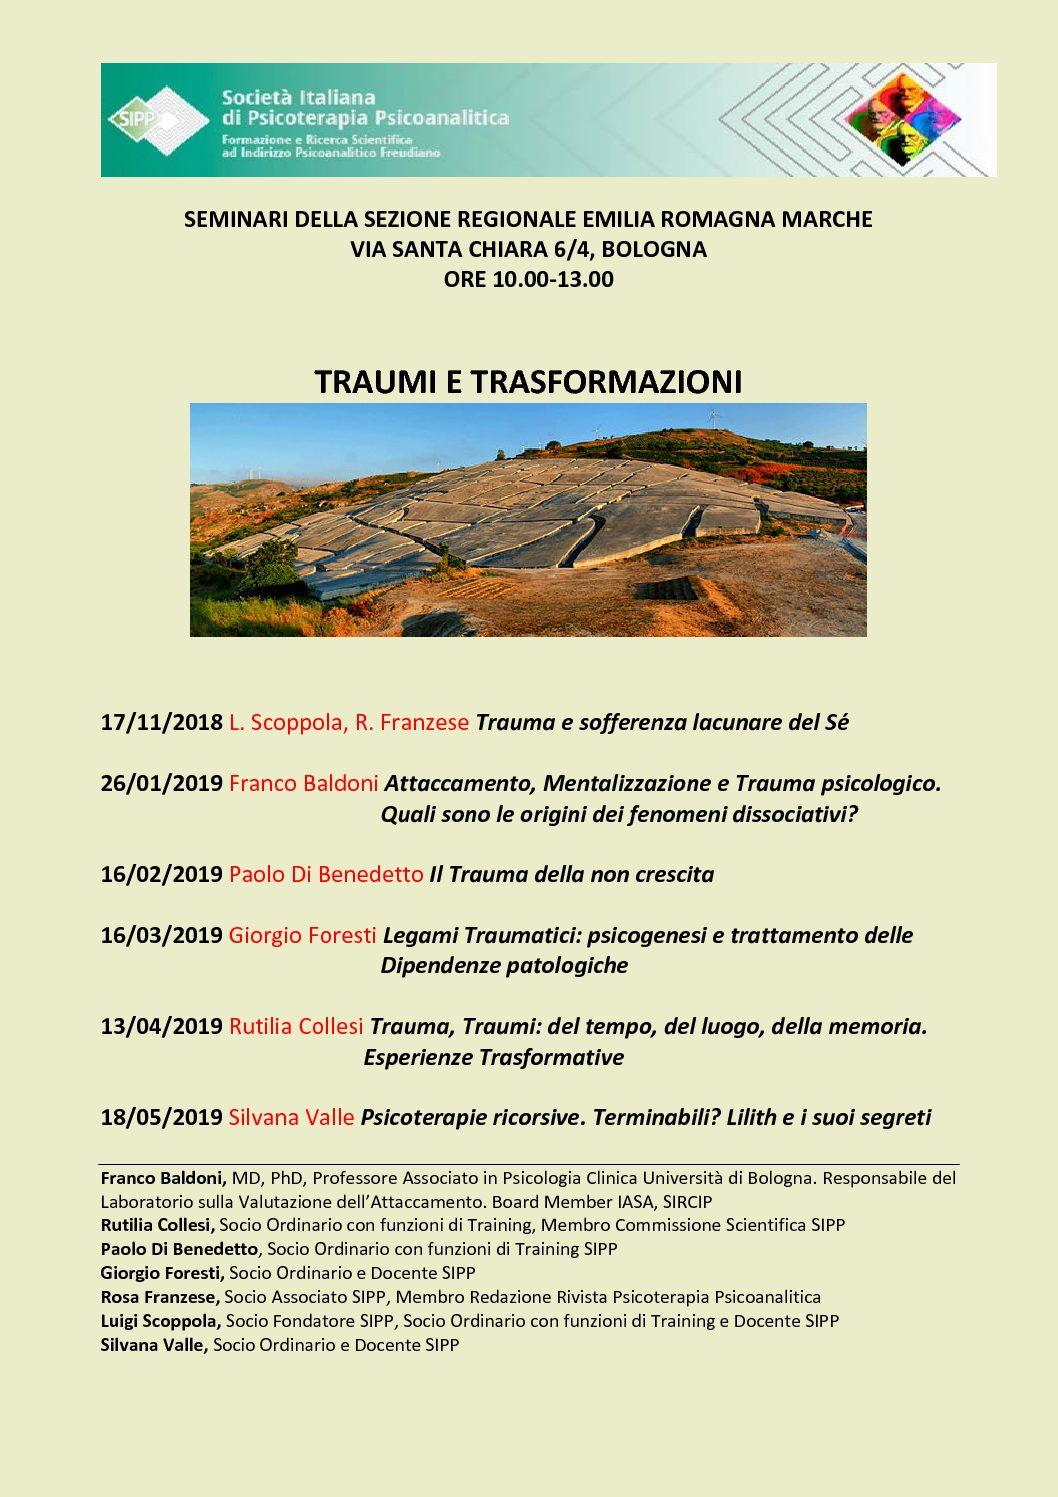 S.I.P.P. – Sezione Regionale Emilia Romagna e Marche – Calendario Seminari anno 2019